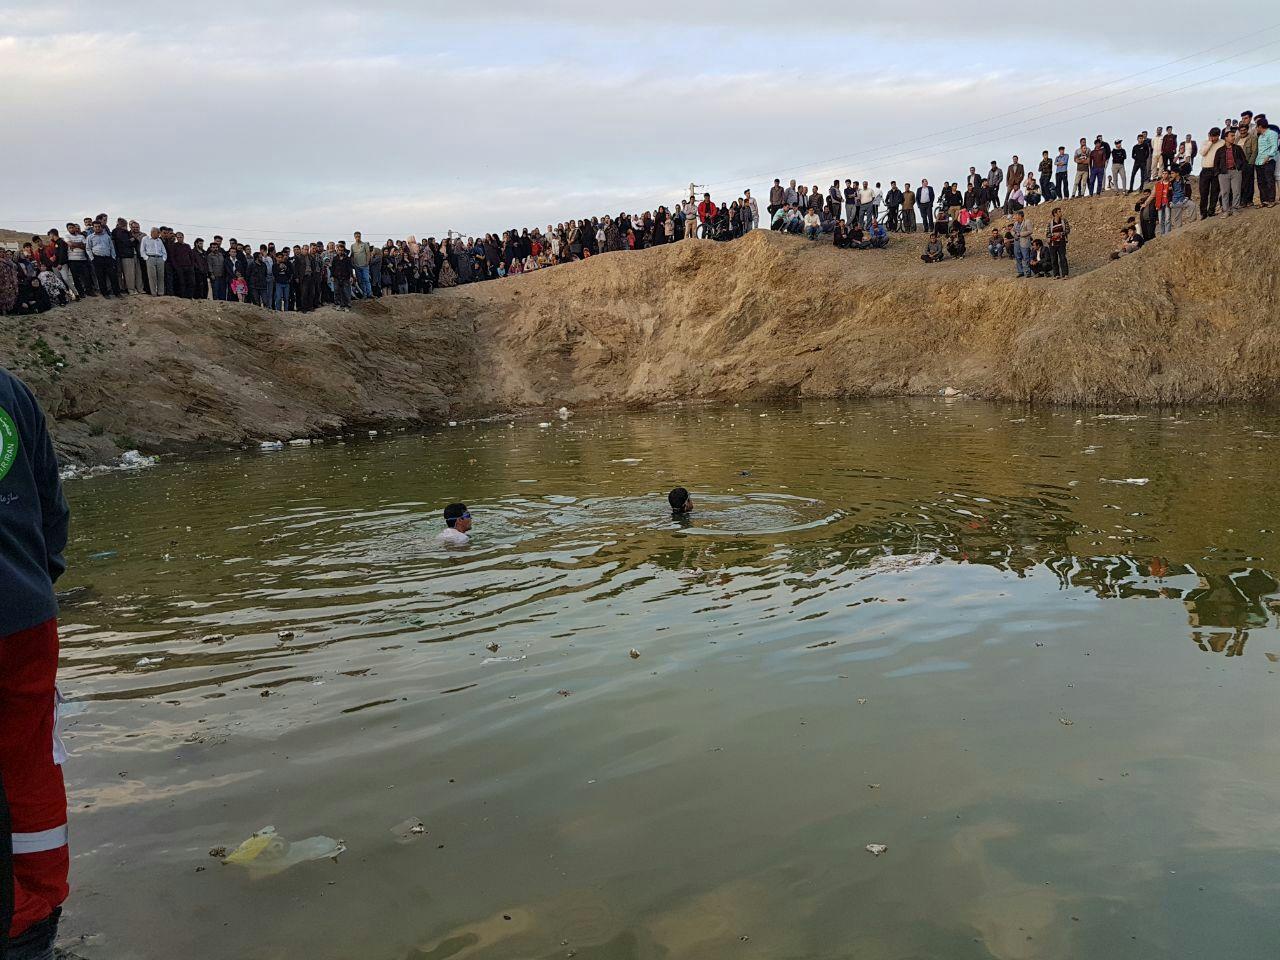 مرگ دلخراش کودک یازده ساله در گودال آب